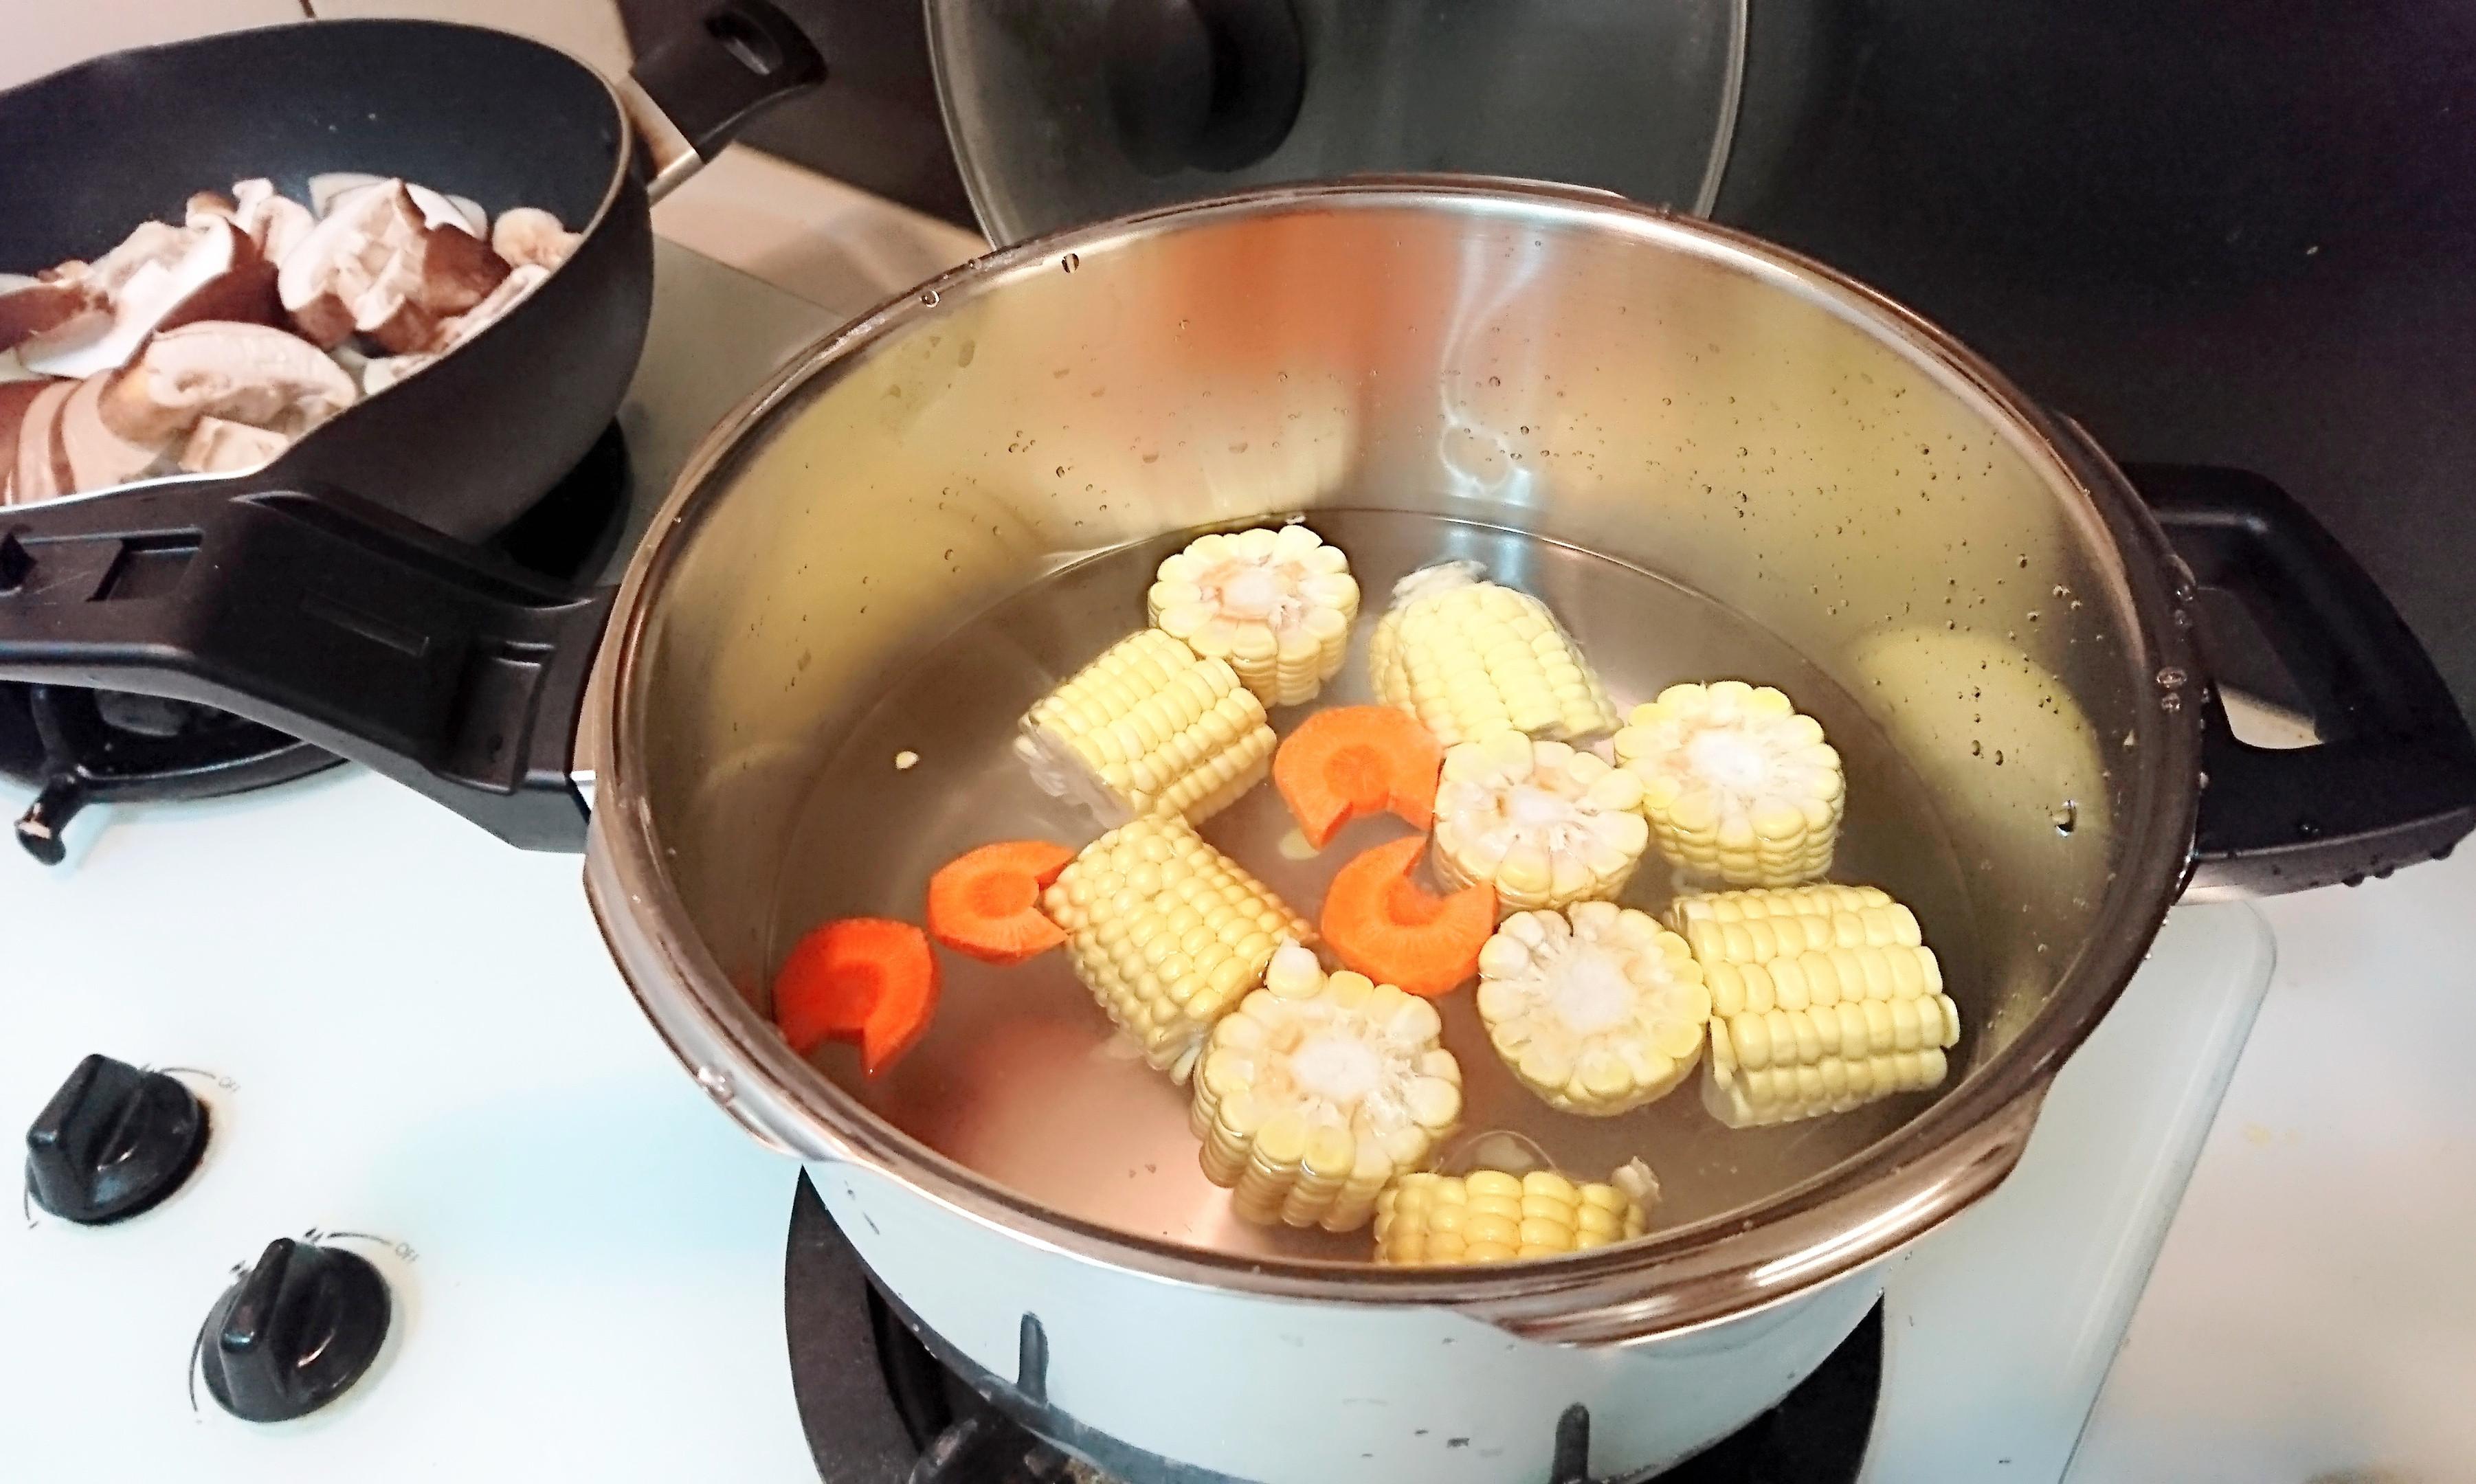 元氣雞湯 - WMF PRO 快力鍋的第 3 張圖片